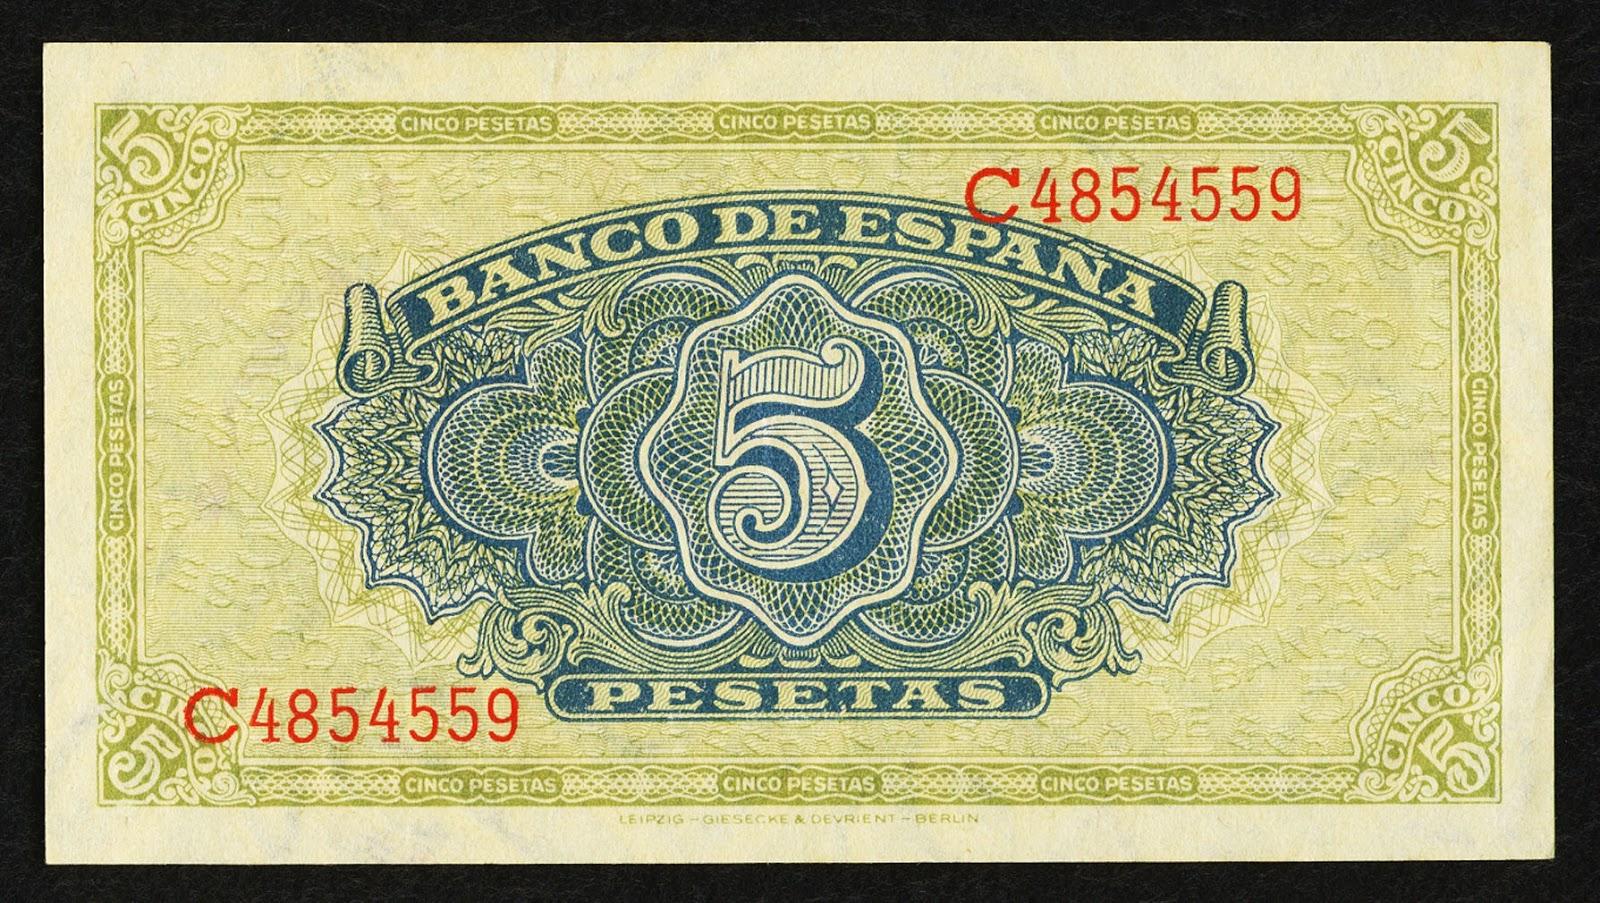 Spain money currency 5 Pesetas banknote 1940